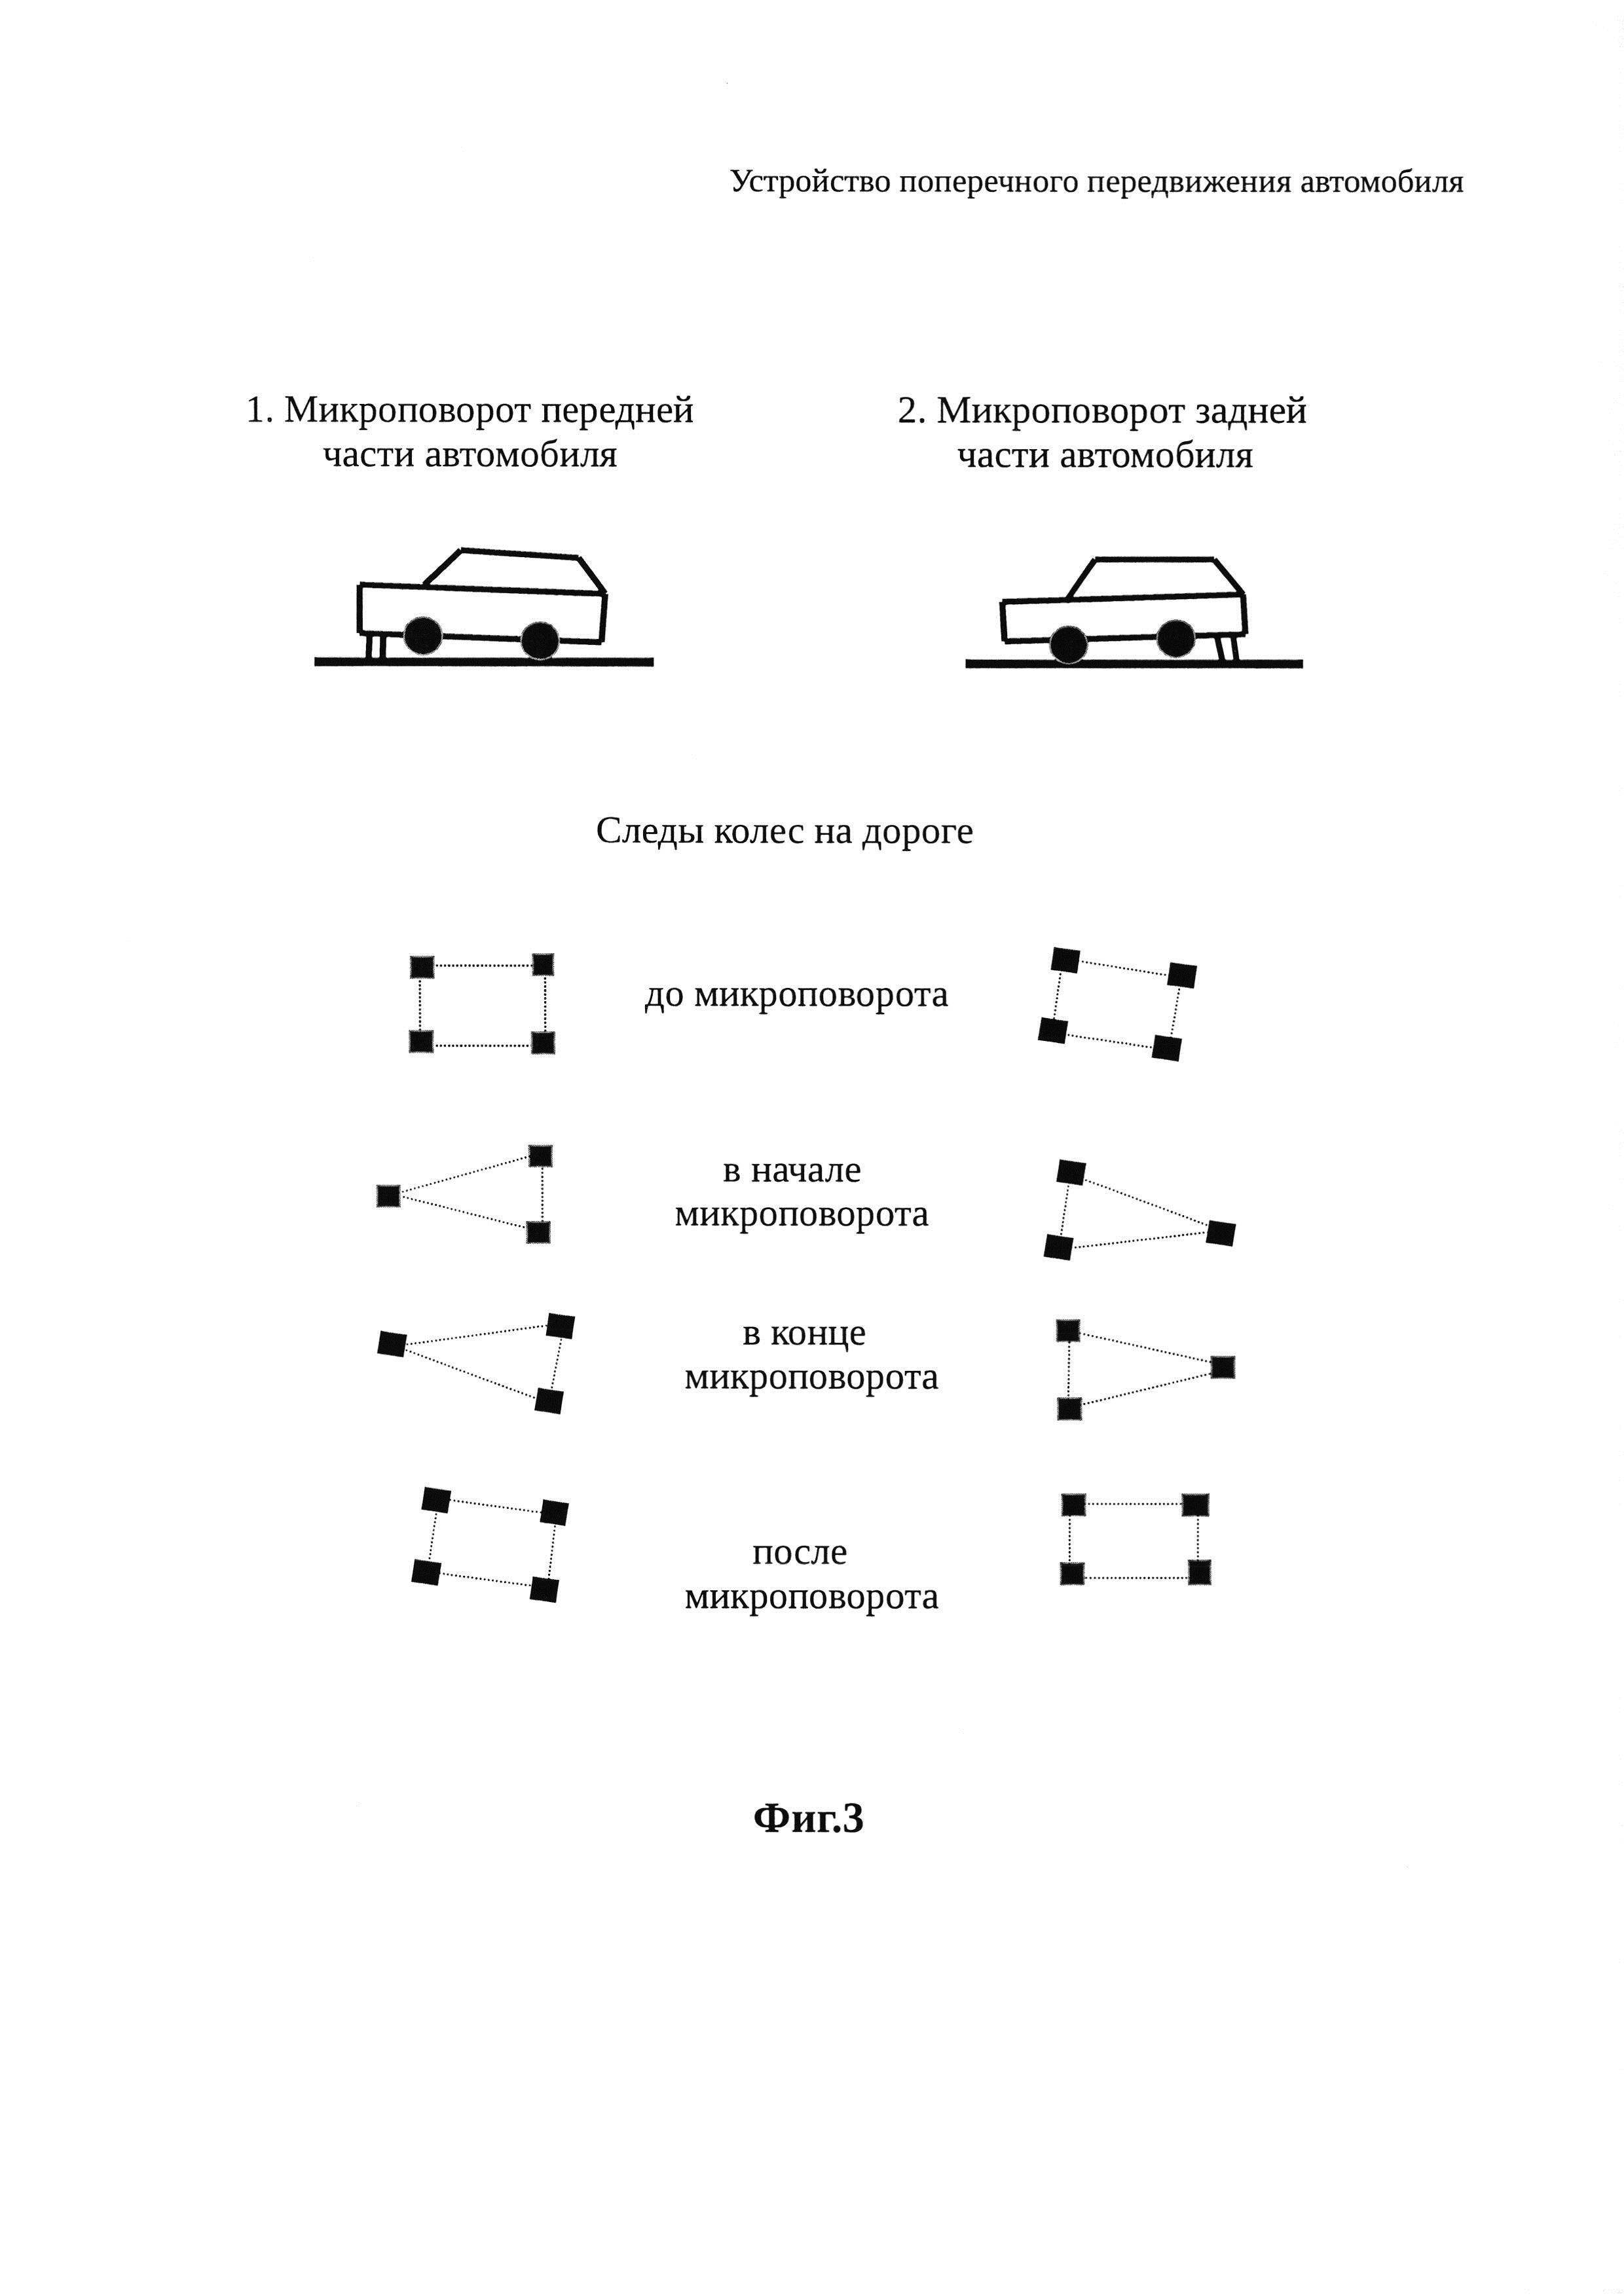 Устройство поперечного передвижения автомобиля